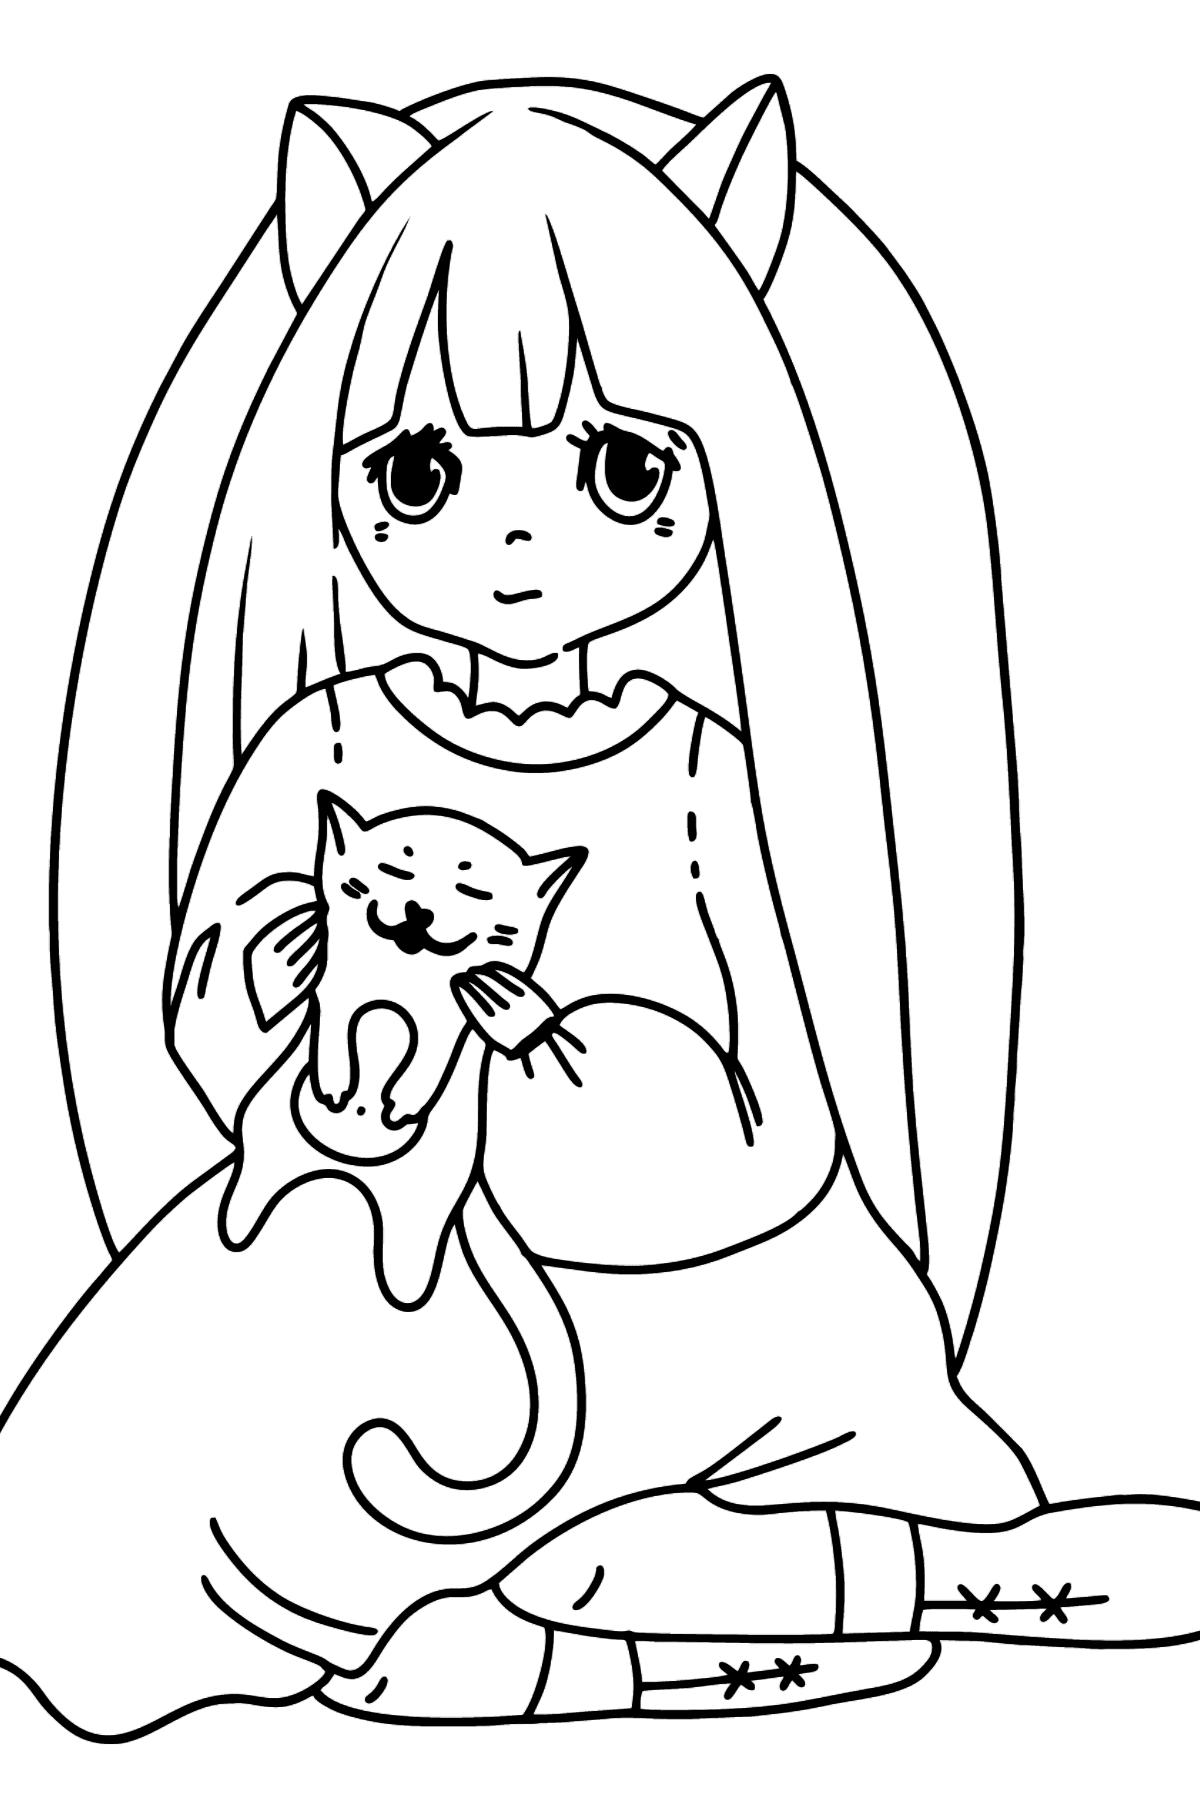 Красивая Раскраска Аниме - Картинки для Детей